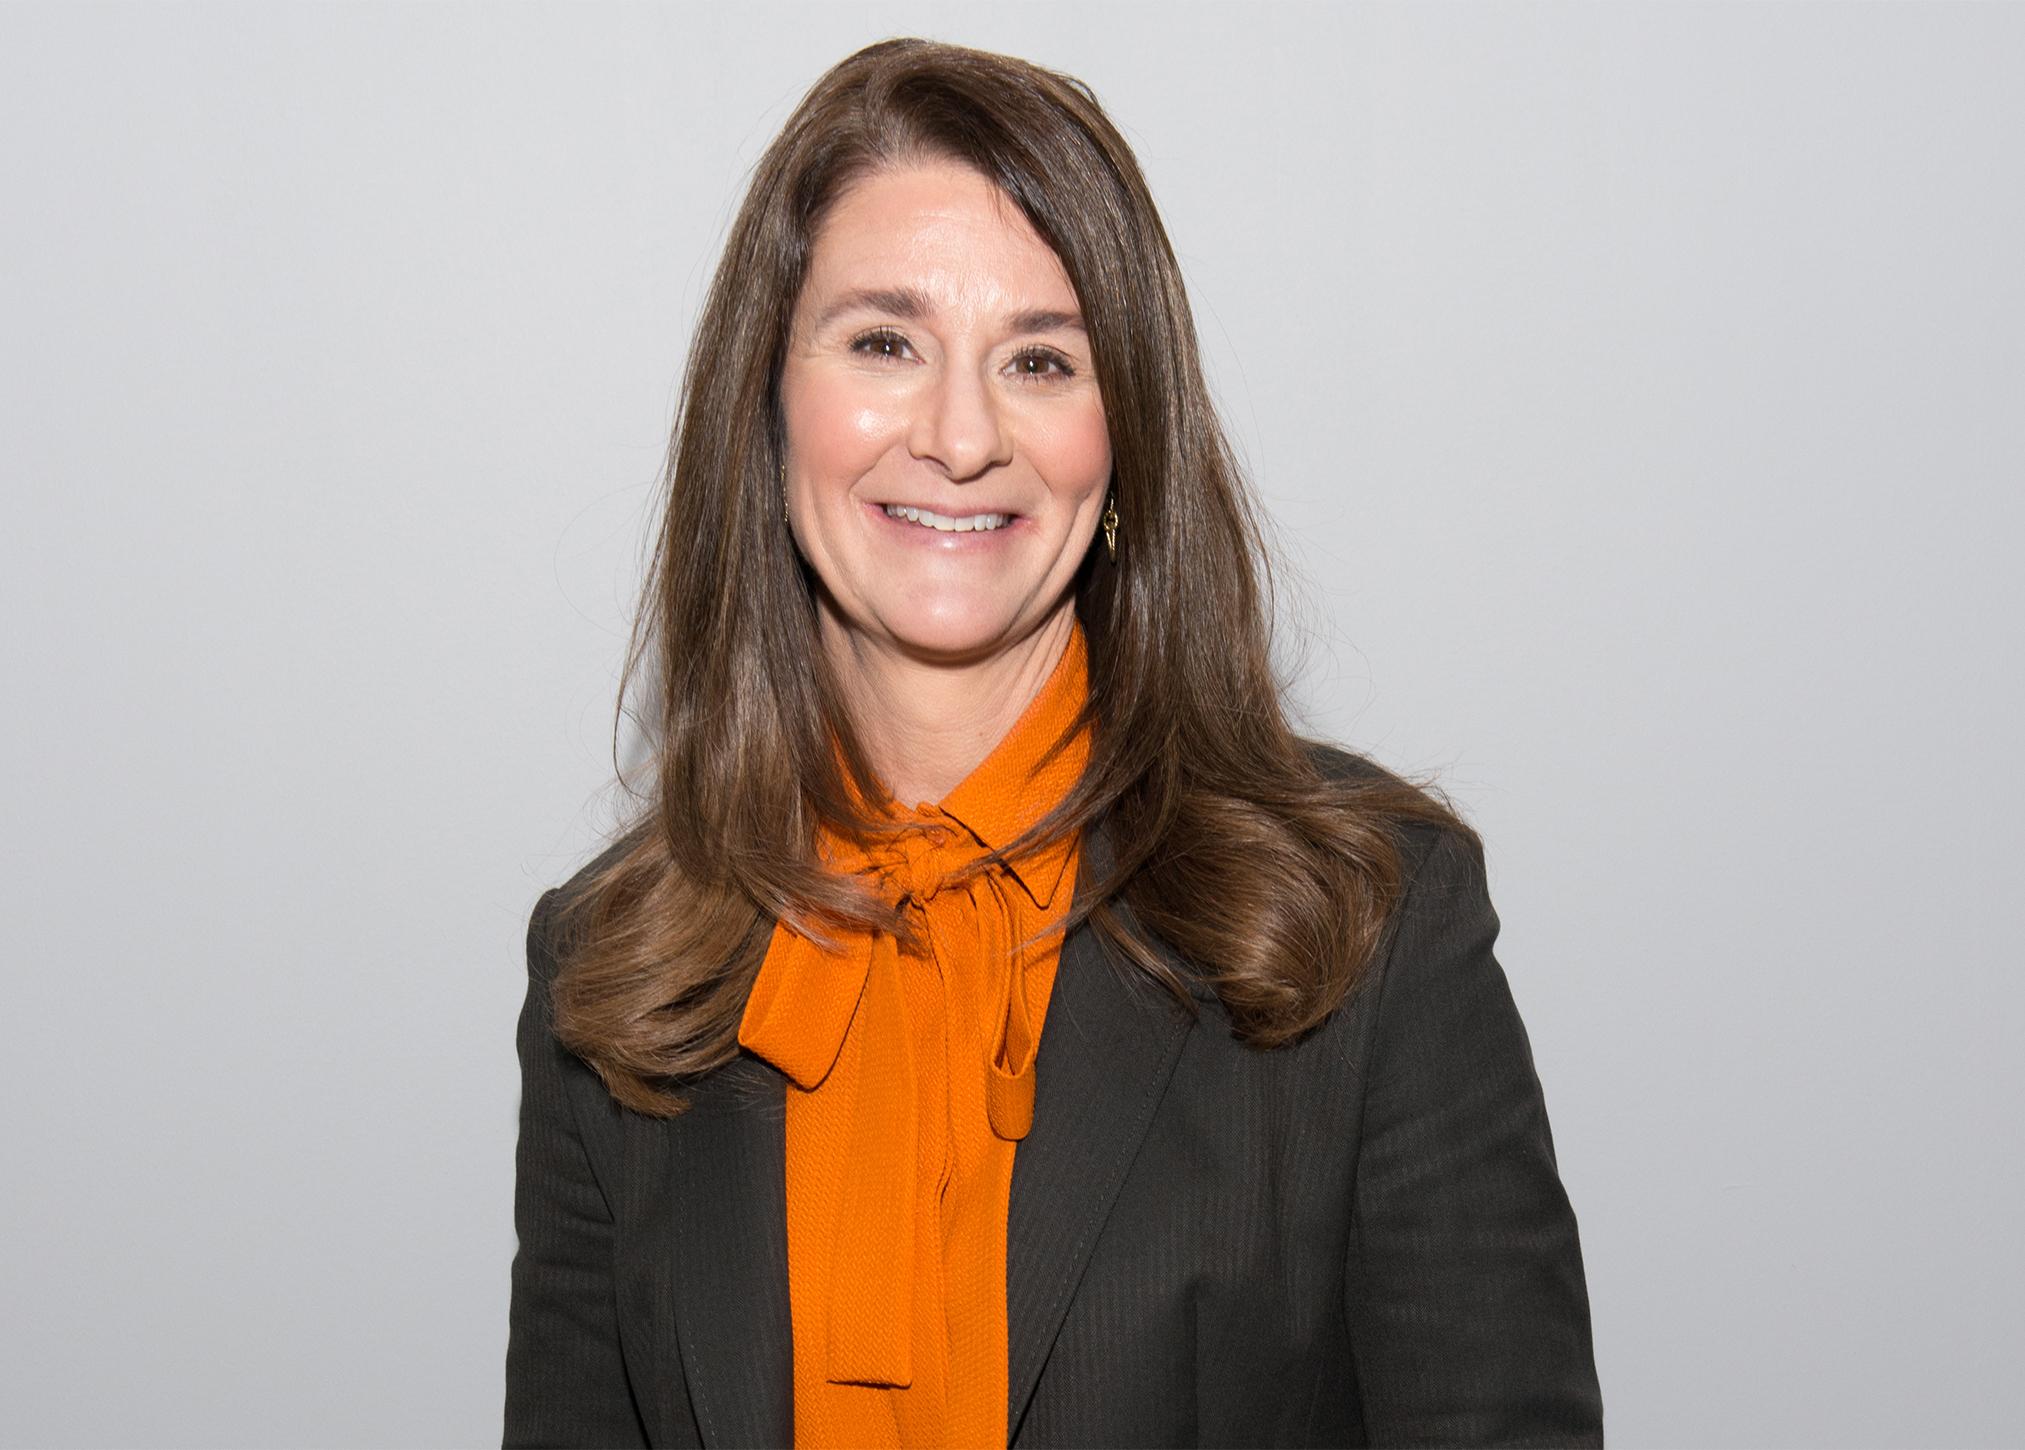 Melinda Gates Goes Public Fortune Classic 2008 Fortune